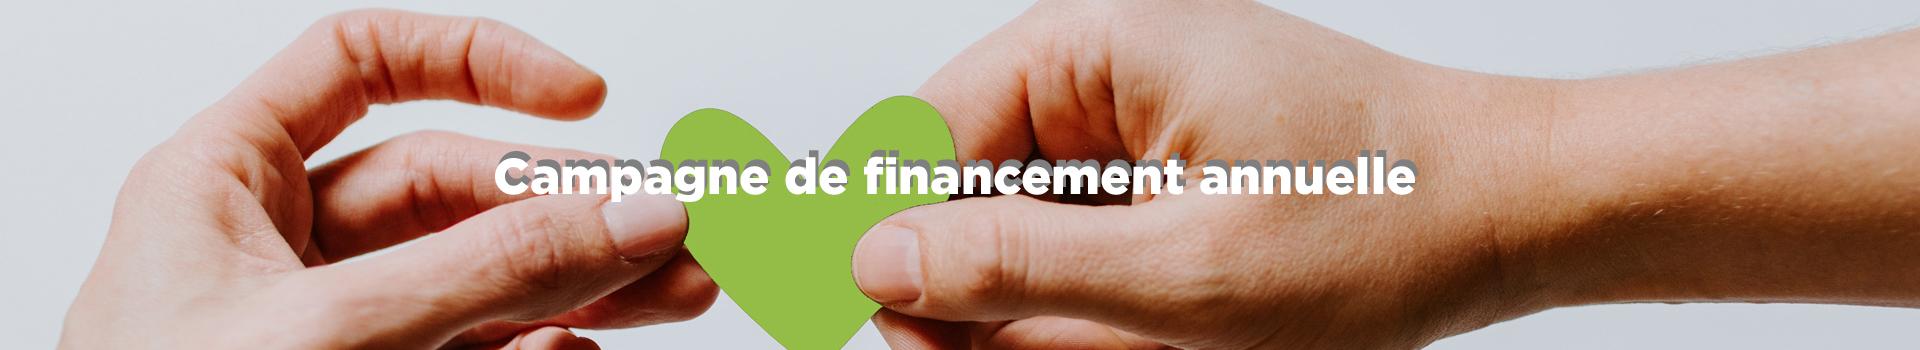 Campagne annuelle de financement 2020 de Cancer du rein Canada